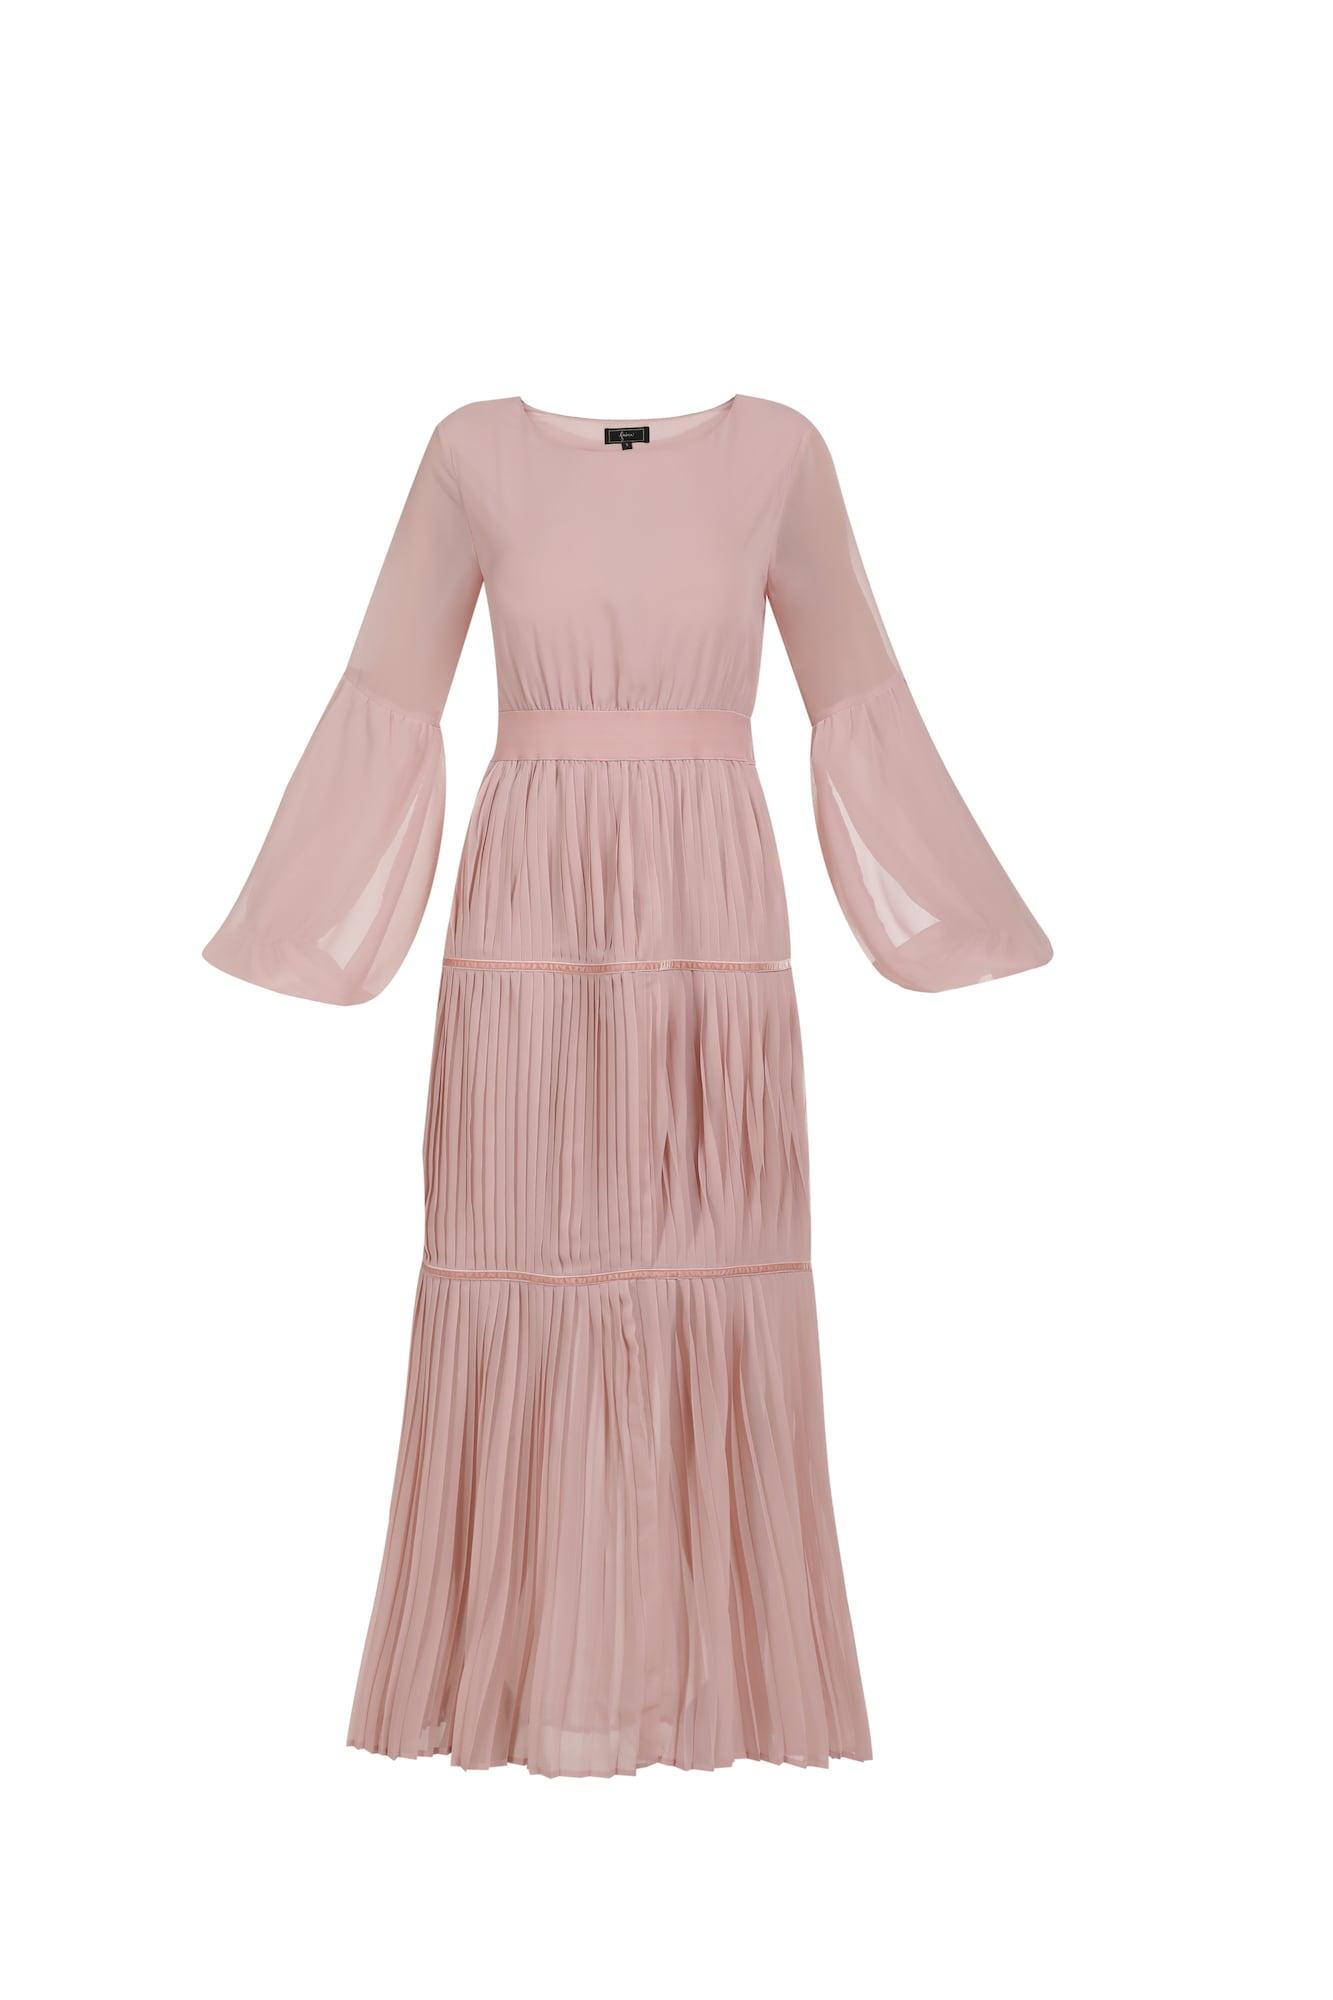 faina Vakarinė suknelė ryškiai rožinė spalva